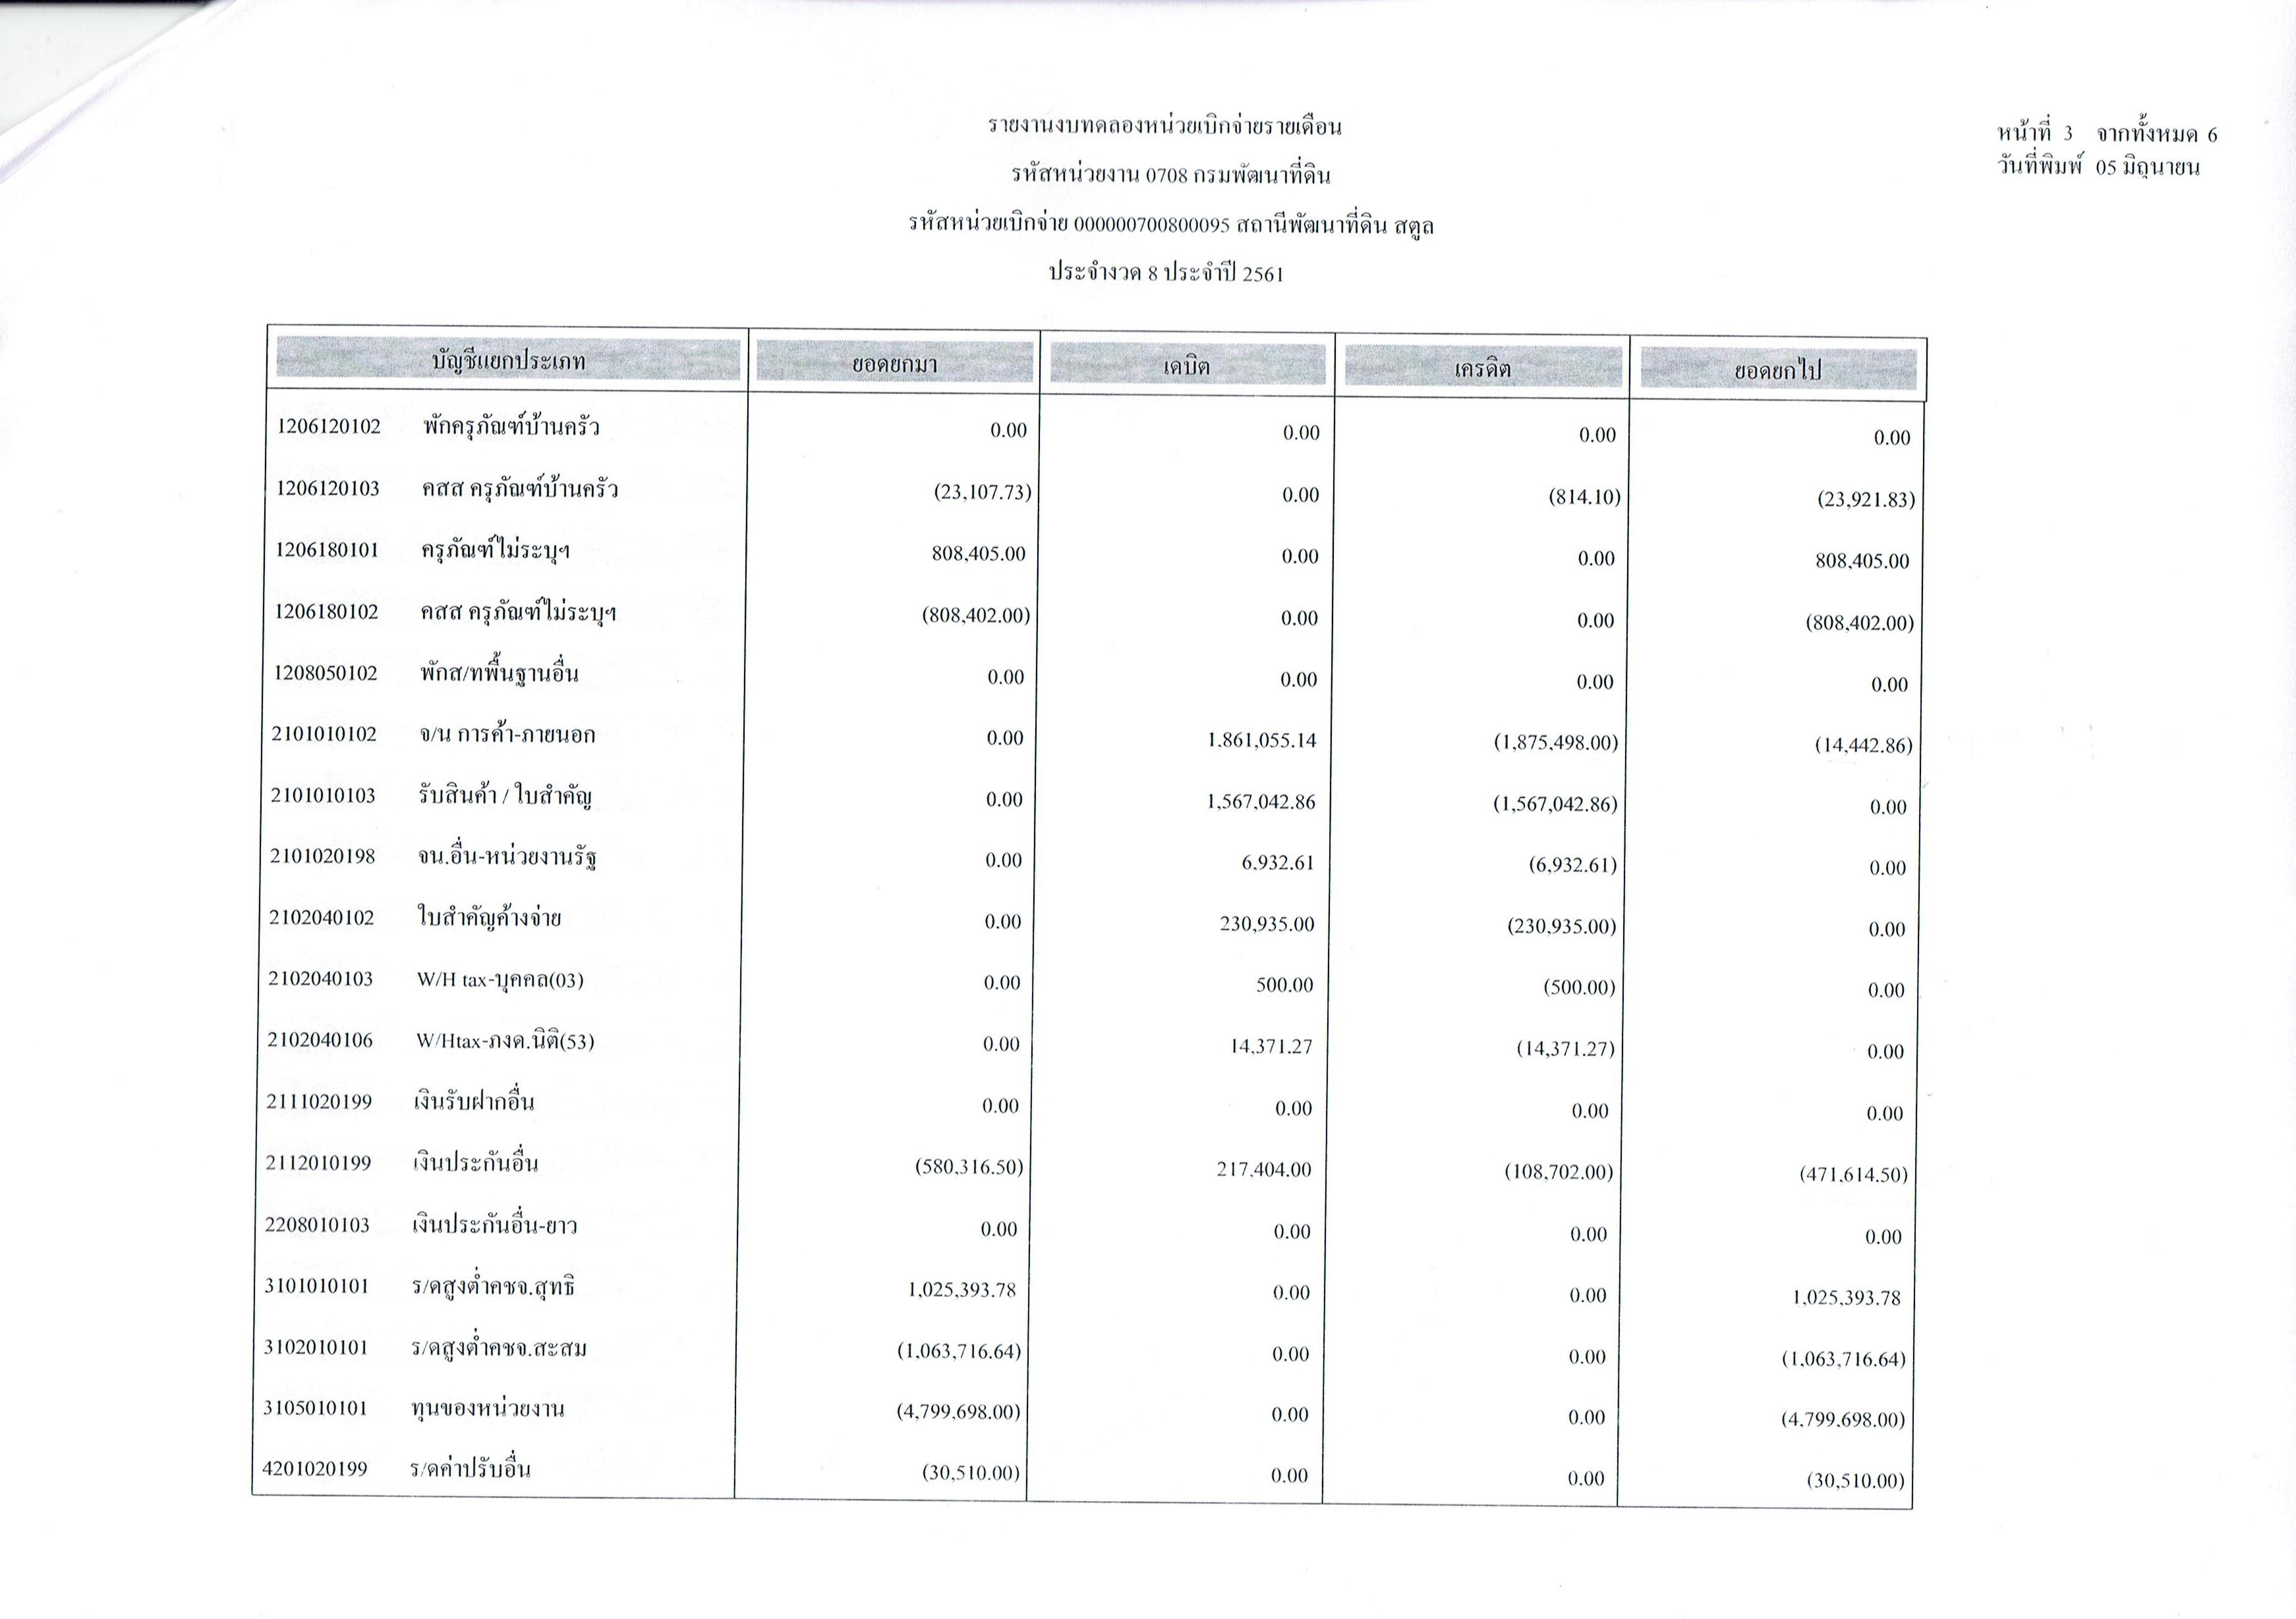 รายงานงบทดลองหน่วยเบิกจ่ายรายเดือนพฤษภาคม ประจำงวด 8 ประจำปี 2561_3